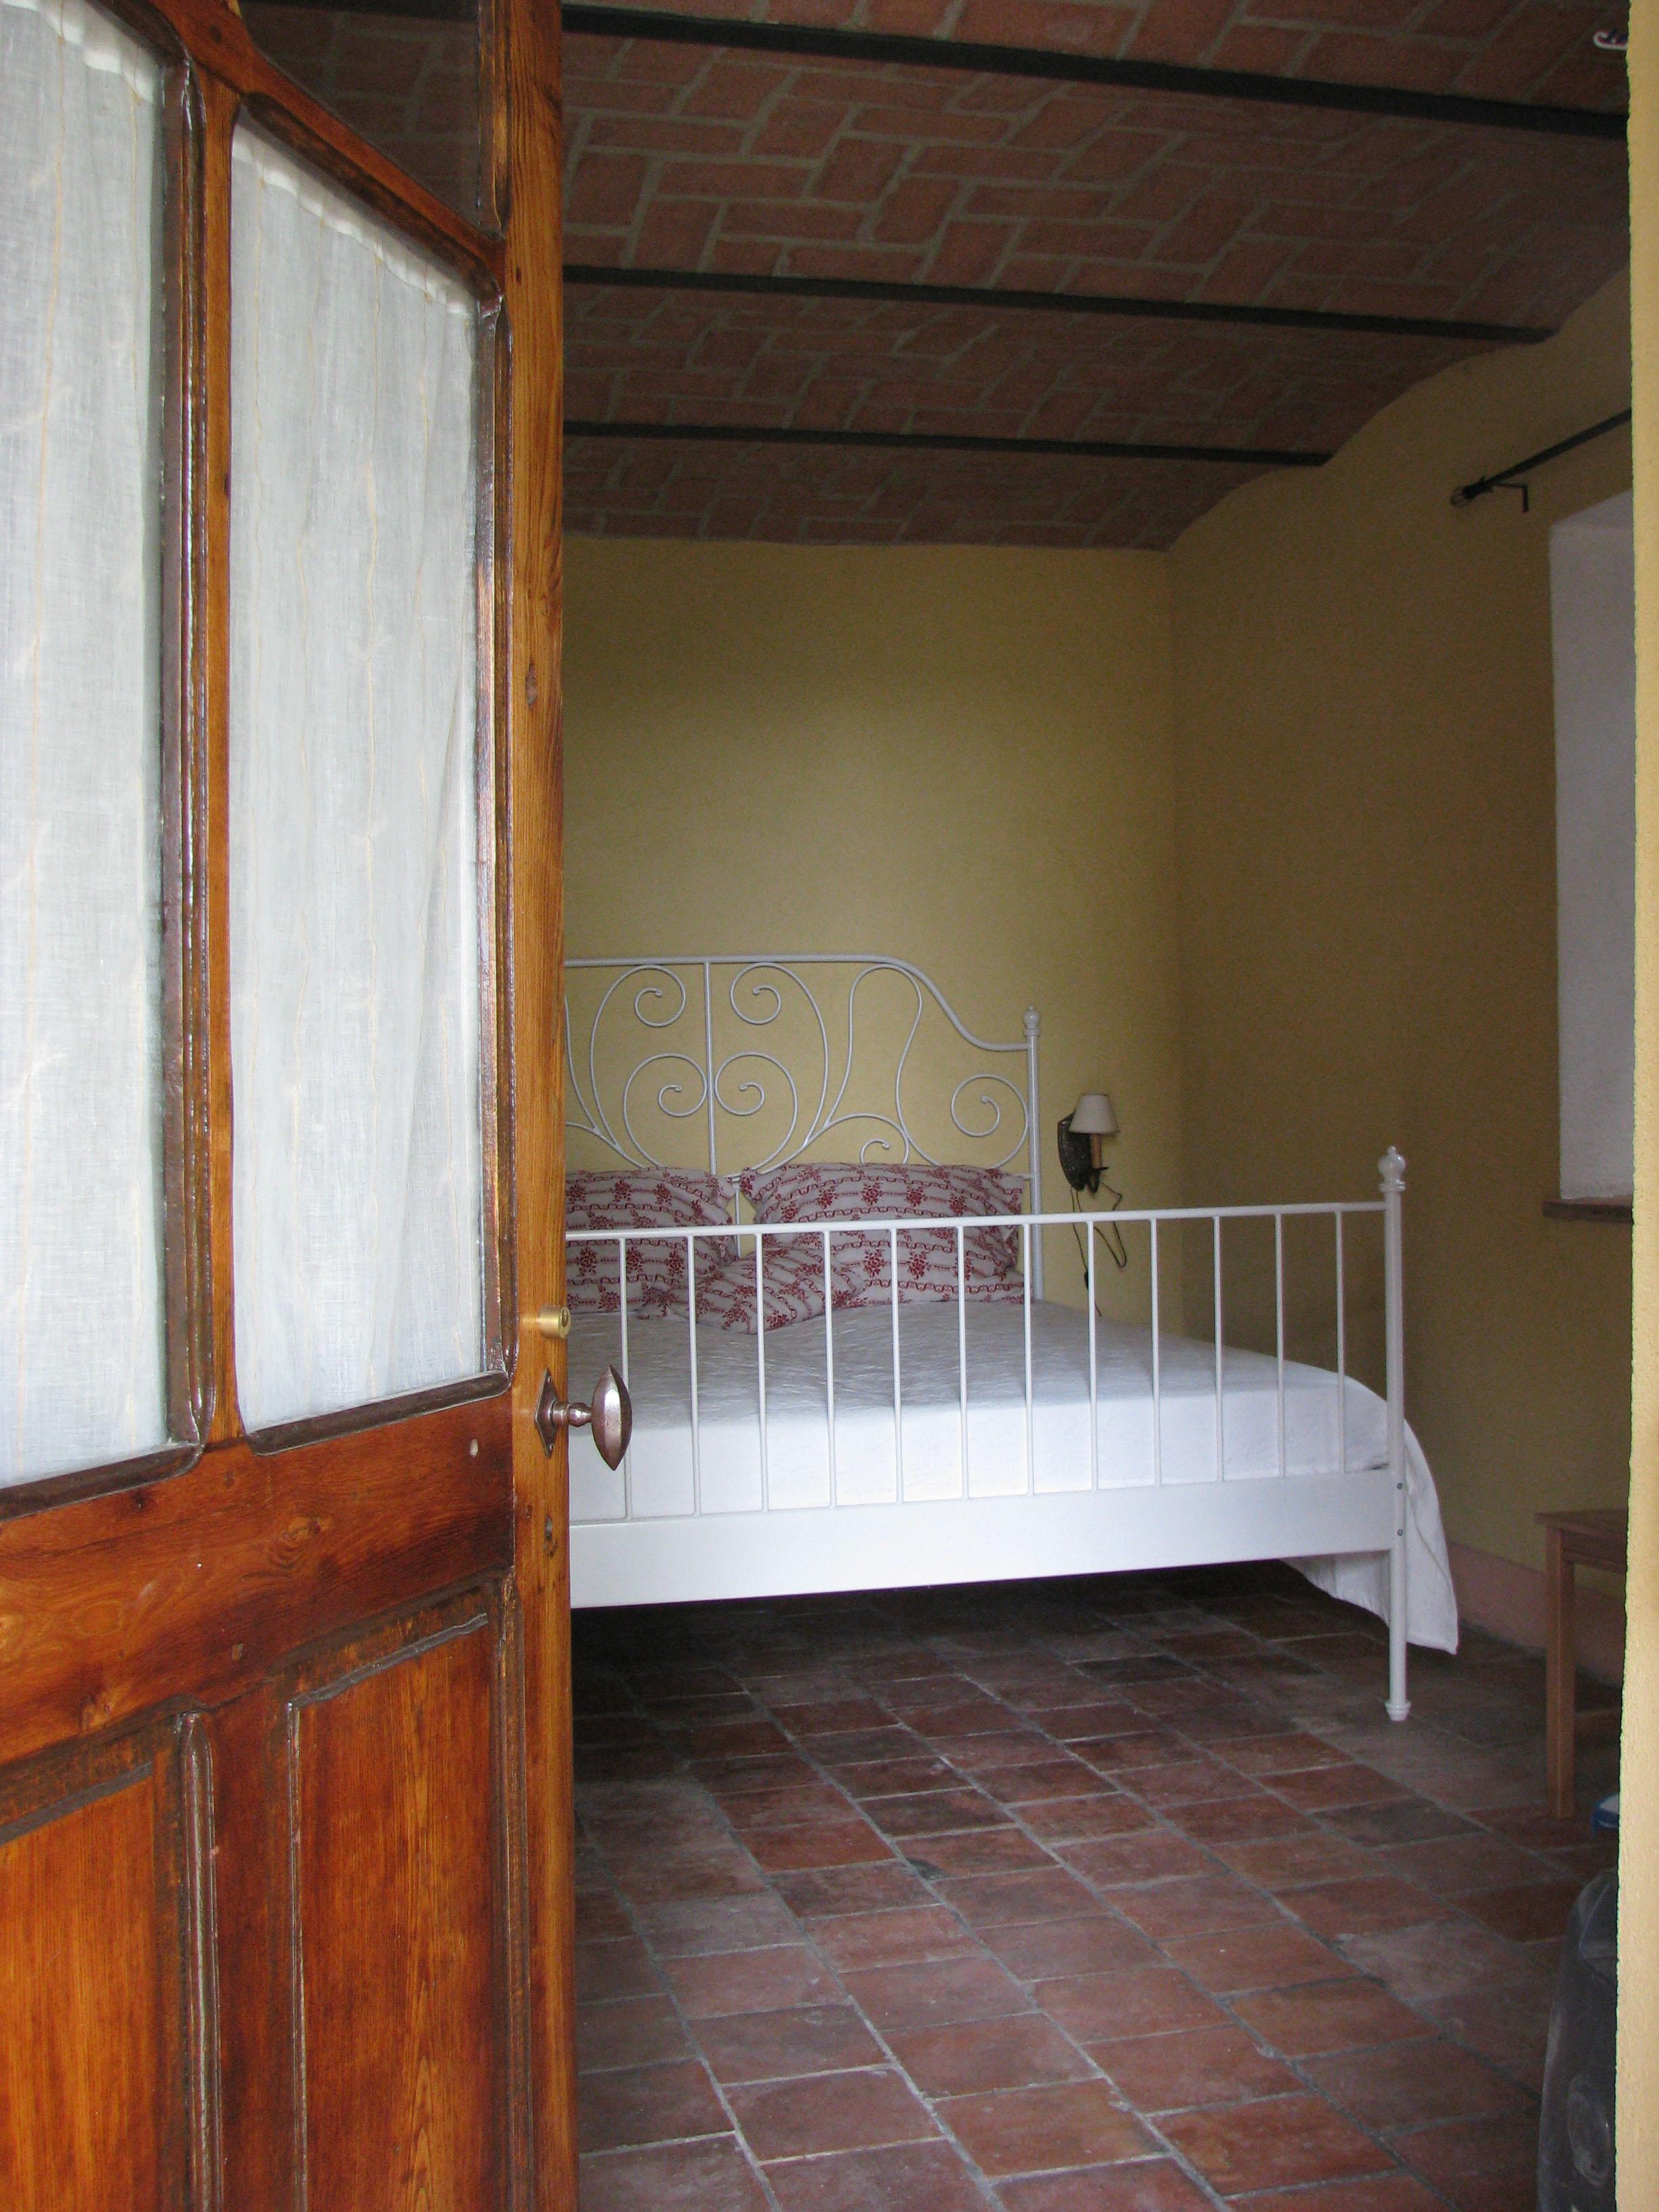 slaapkamer-bg- La Casa Vecchia